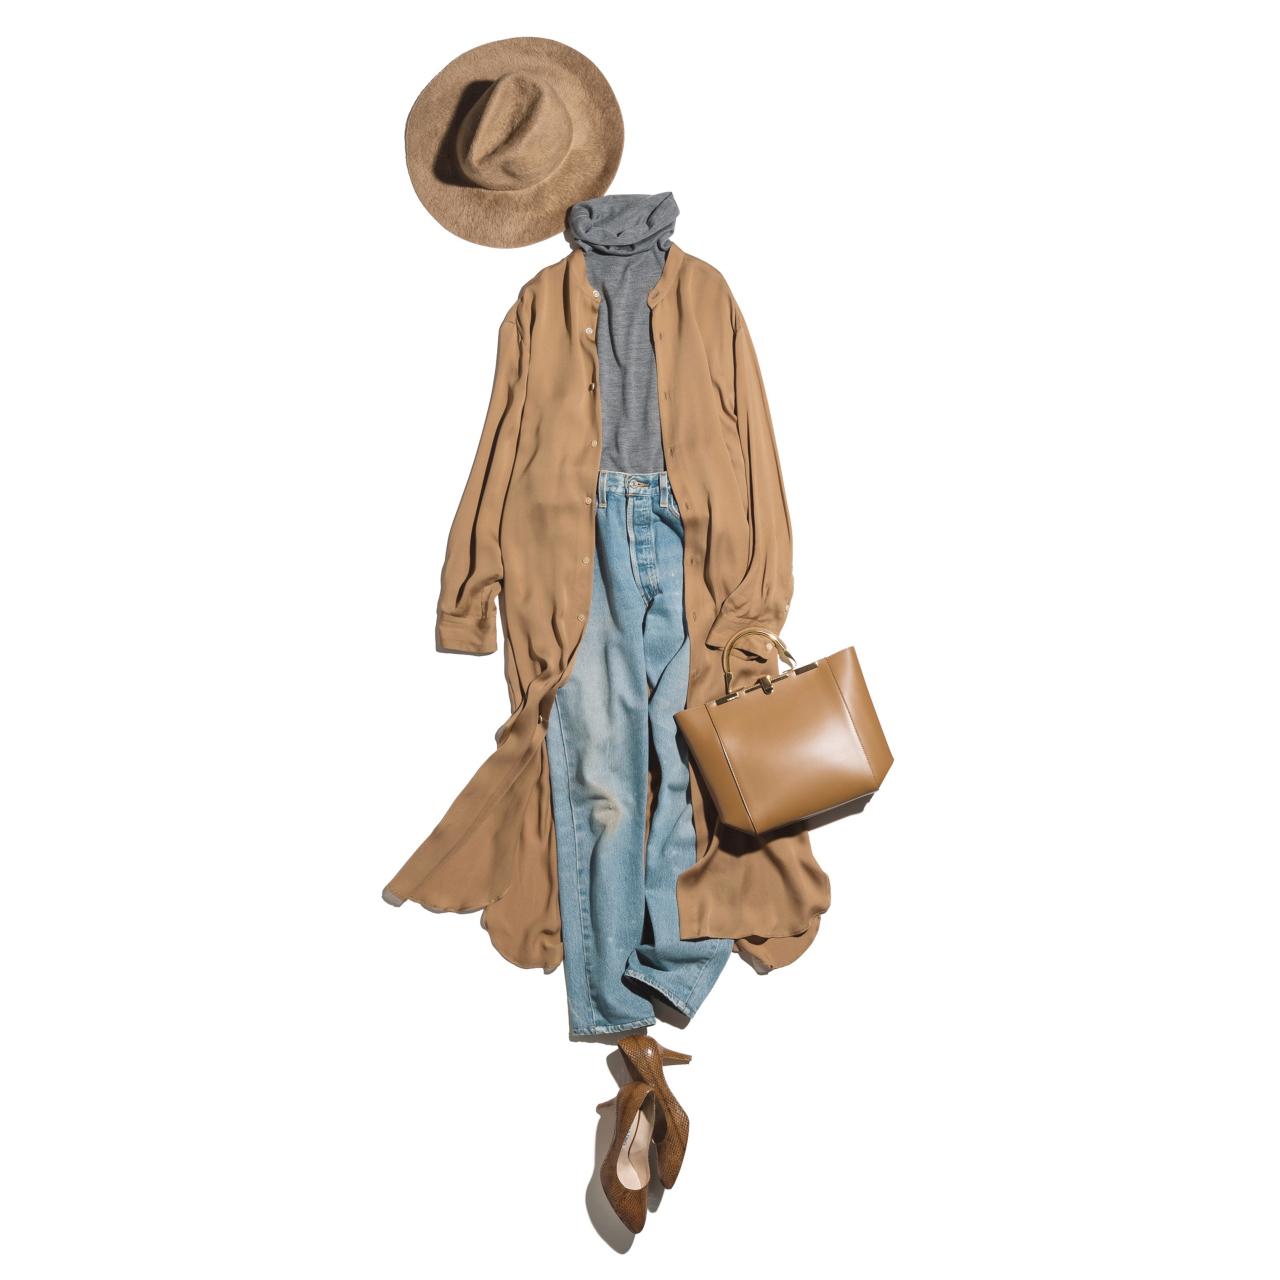 ロングカーディガン×デニムのファッションコーデ